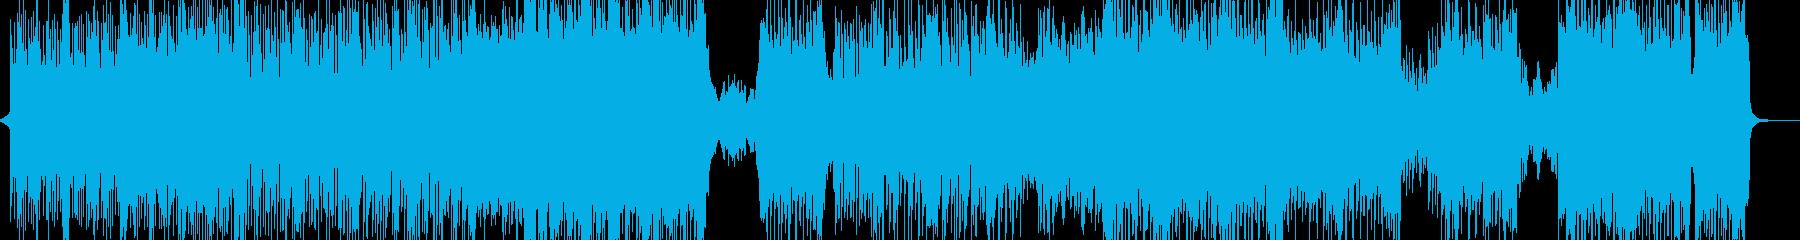 明るくカラフル☆ミックスポップ Lの再生済みの波形